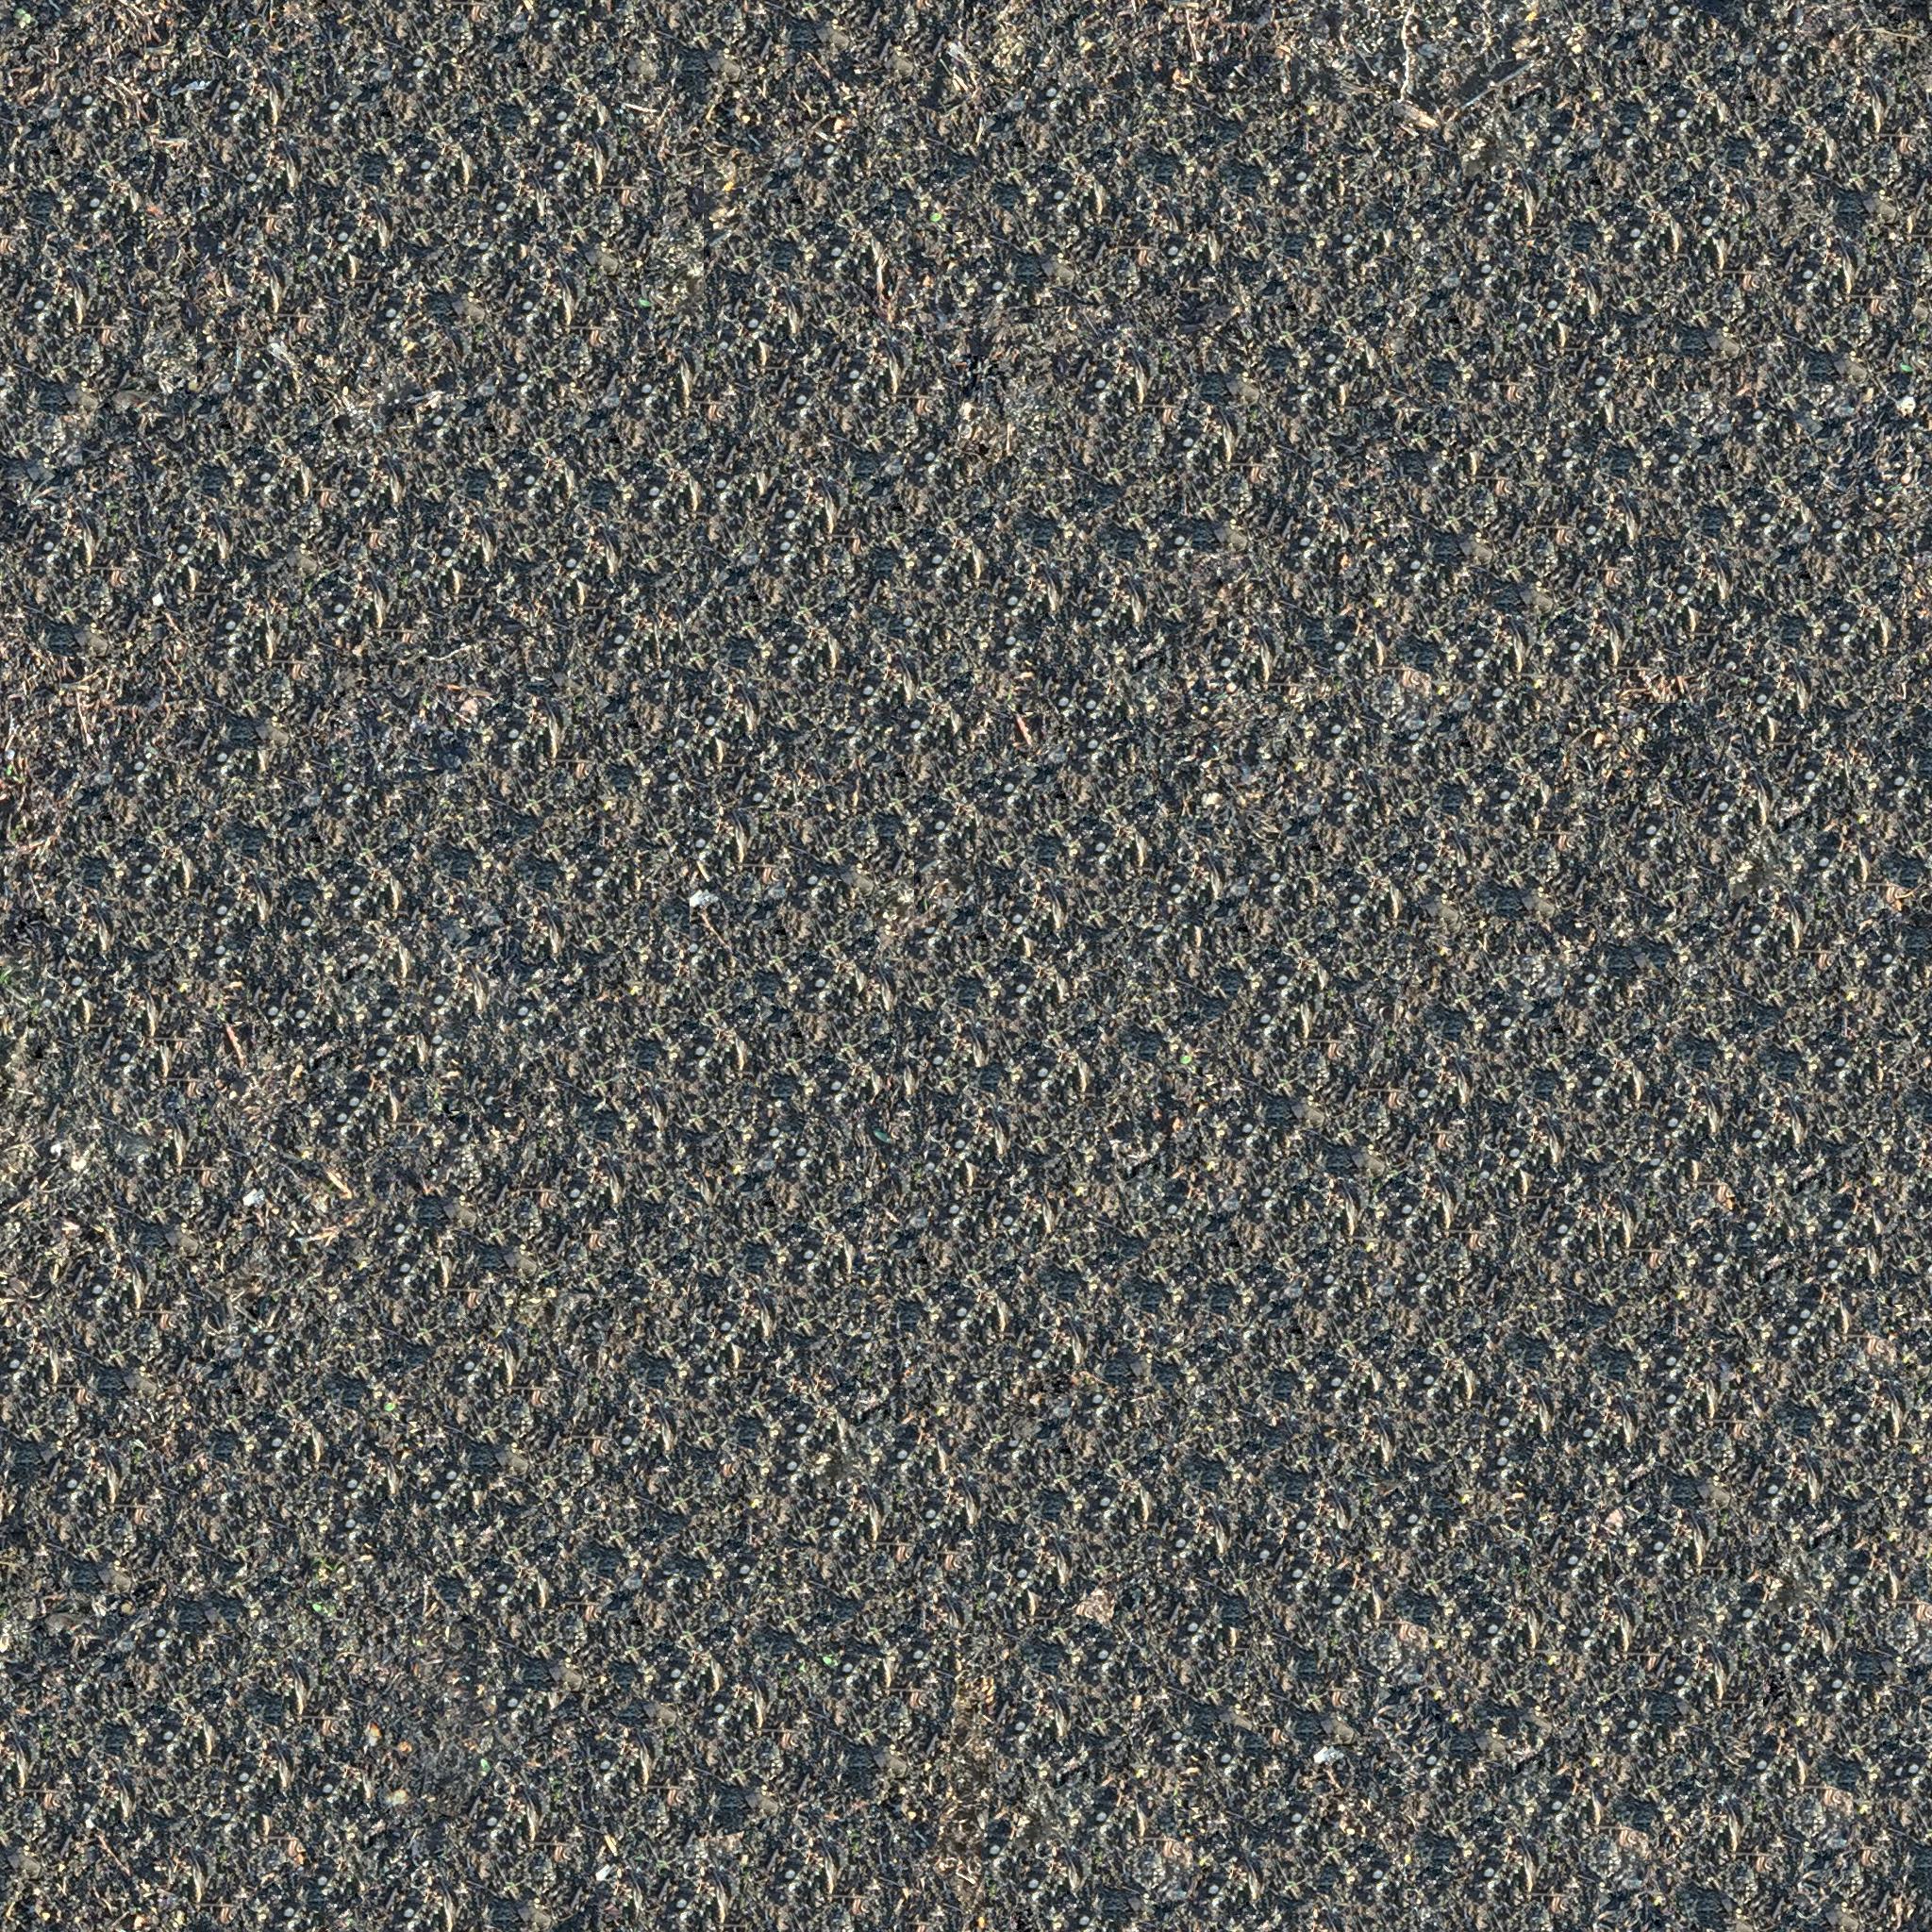 Dirt_03_v2.png